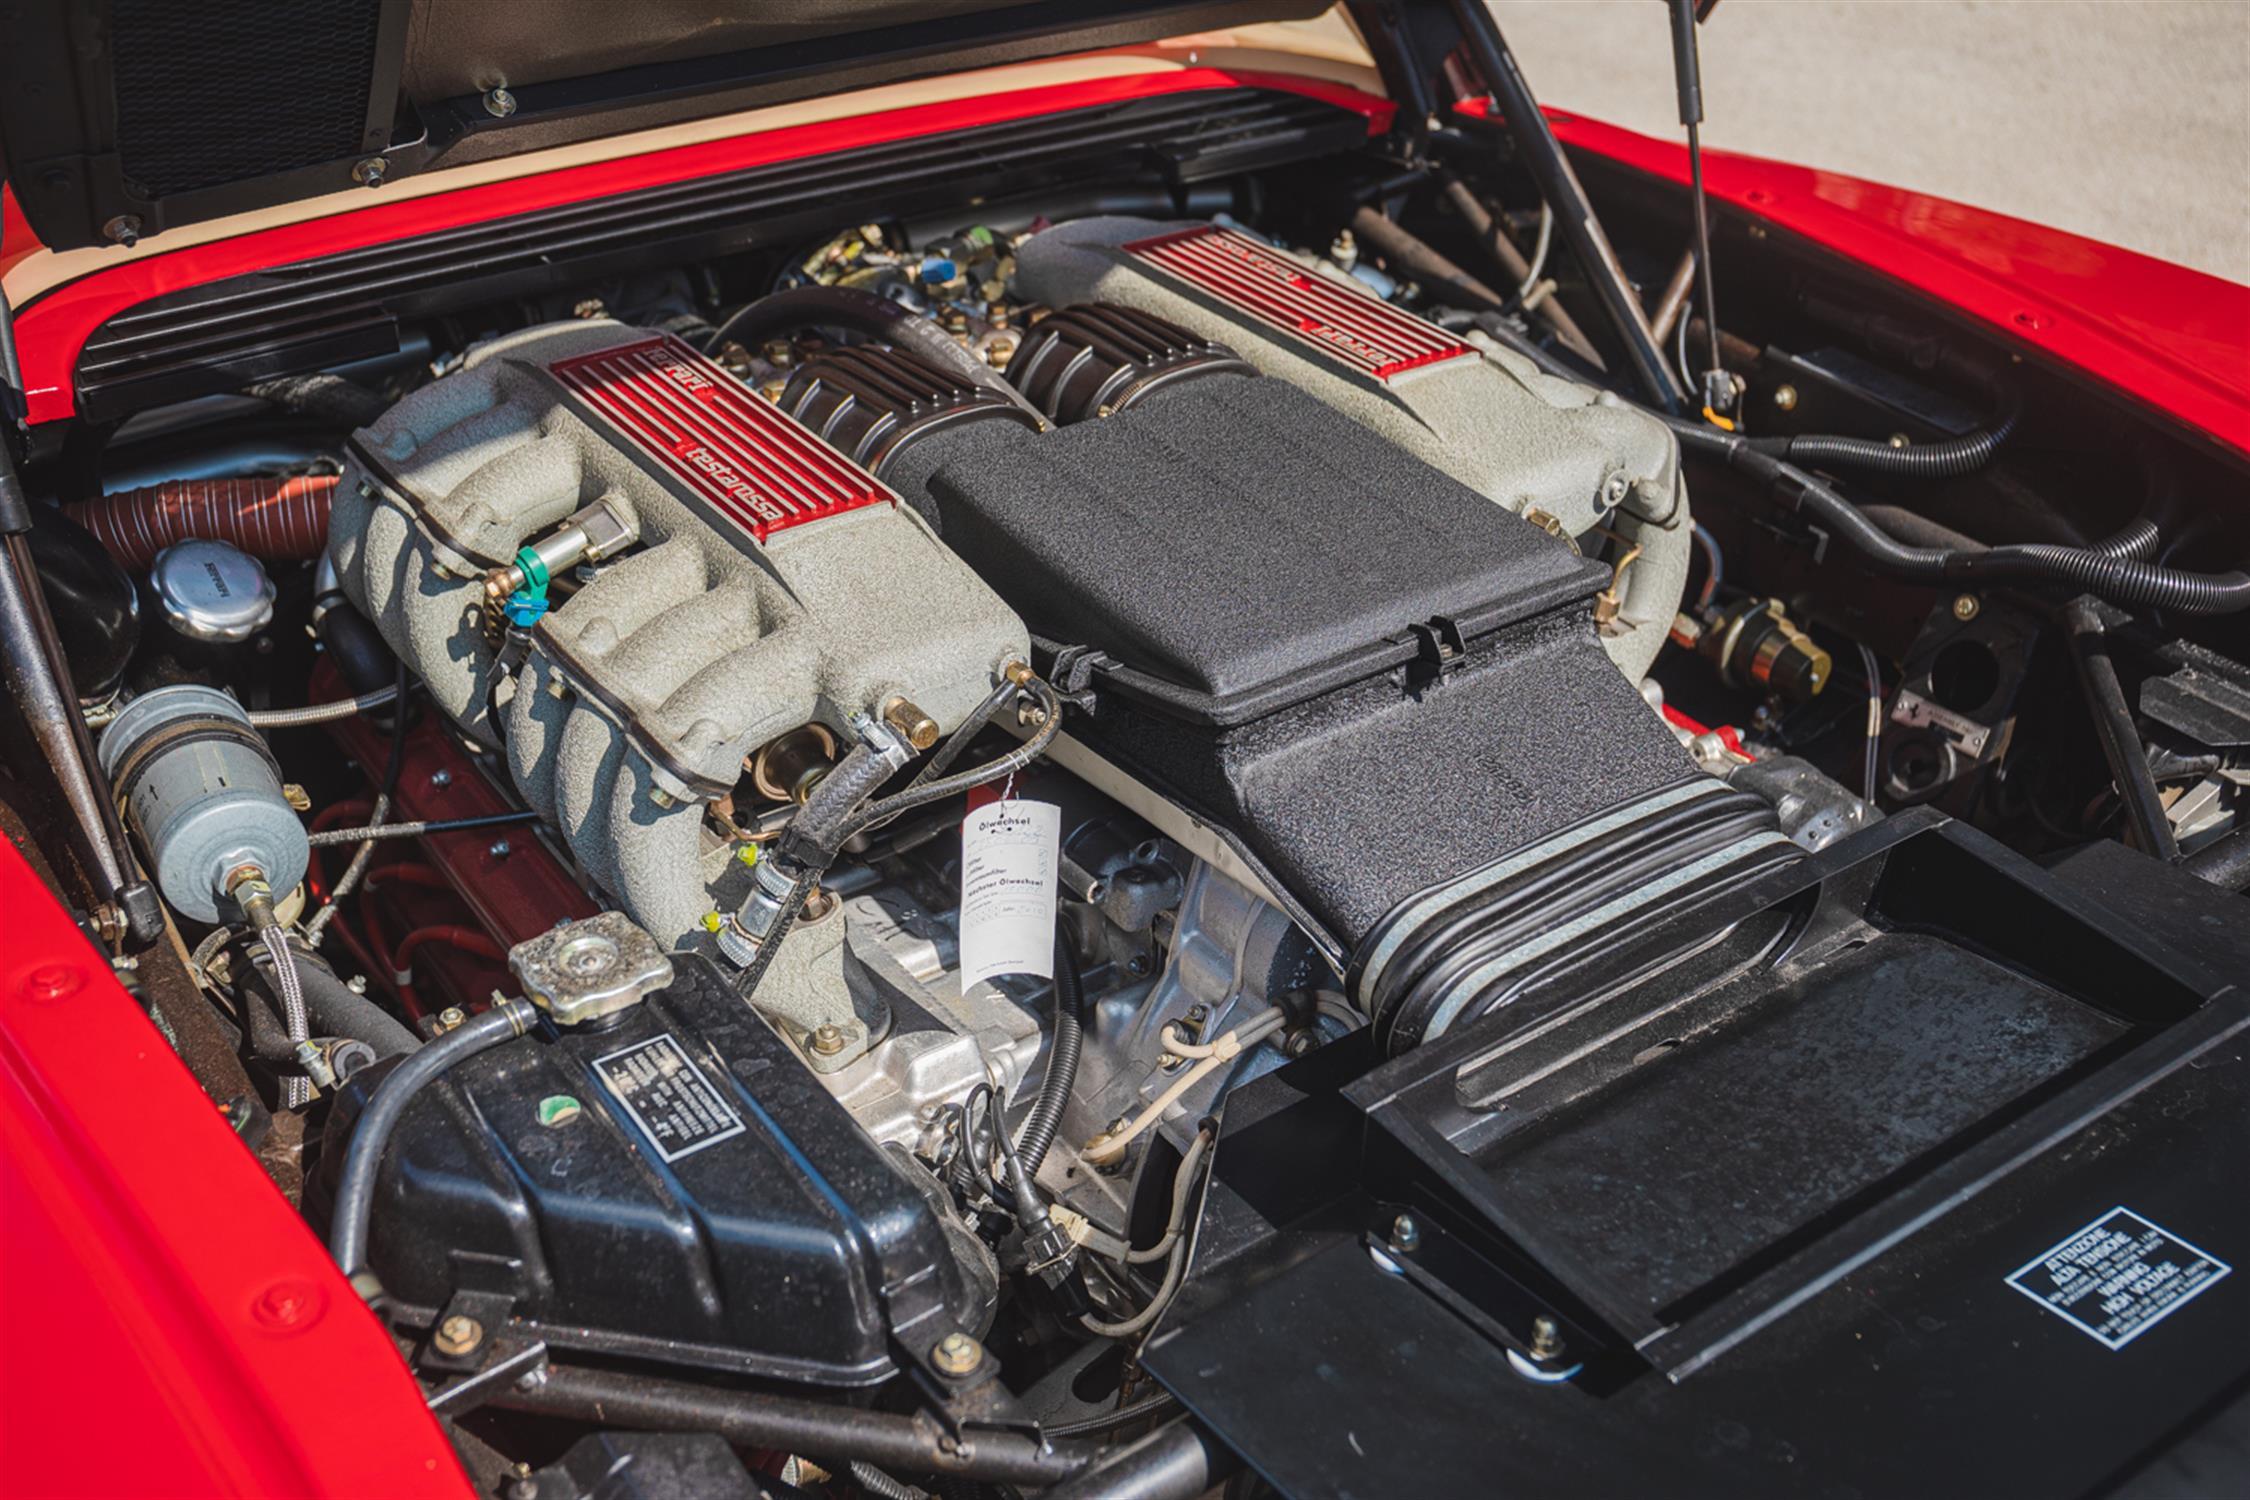 1991 Ferrari Testarossa - 1,829 Kilometres From New & Classiche'd - Image 12 of 15